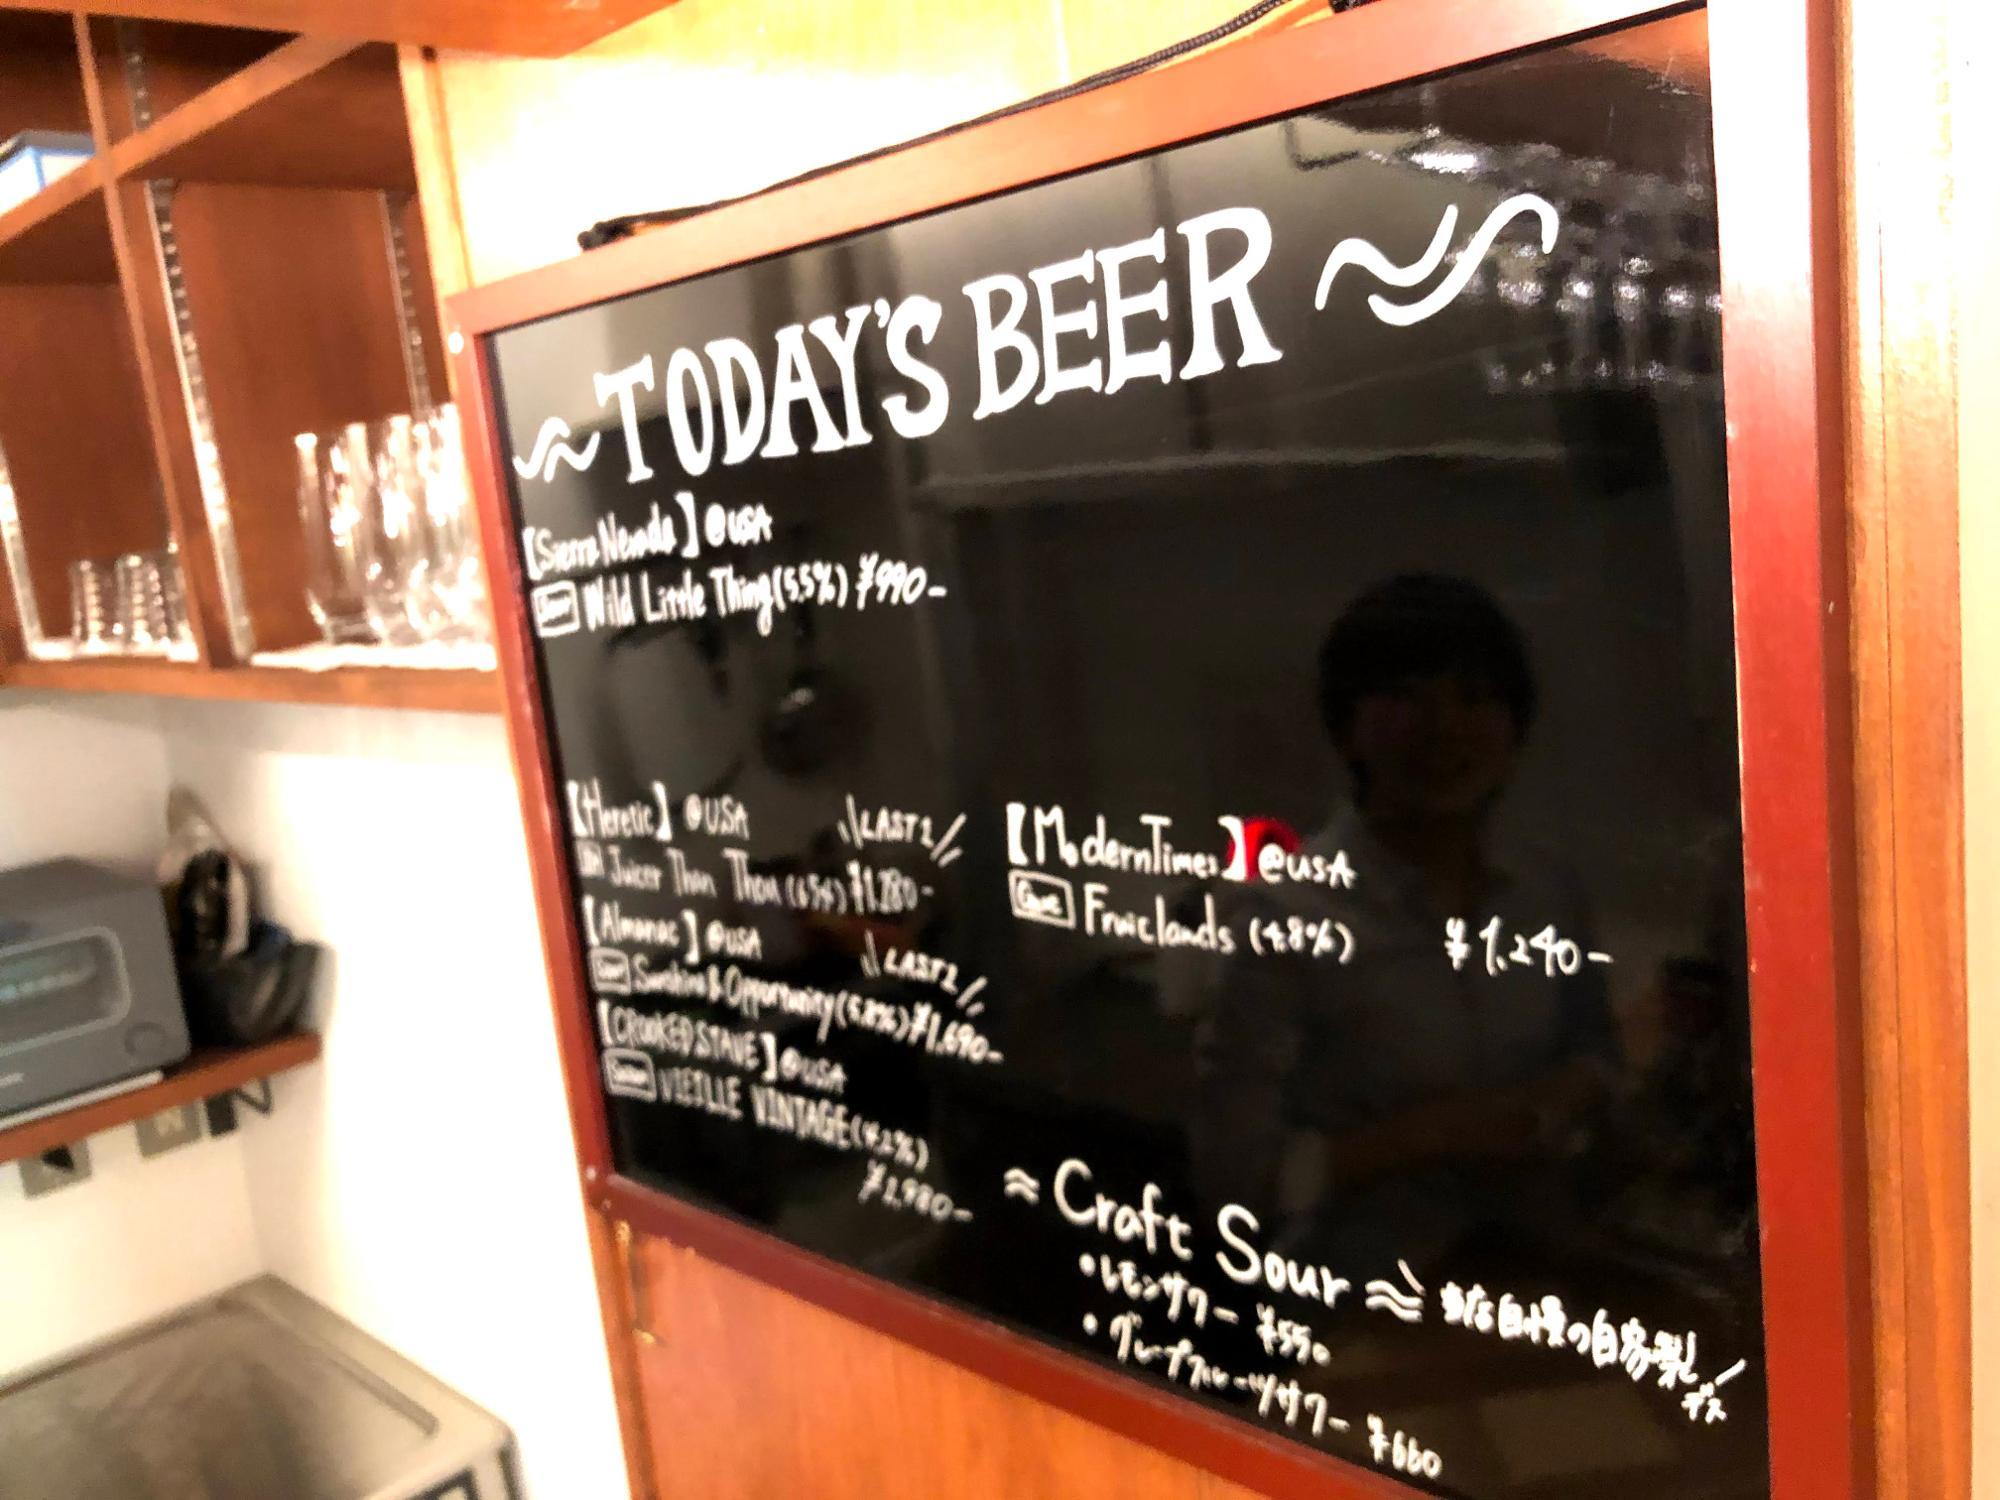 珍しい銘柄の輸入クラフトビールの名前が並ぶ